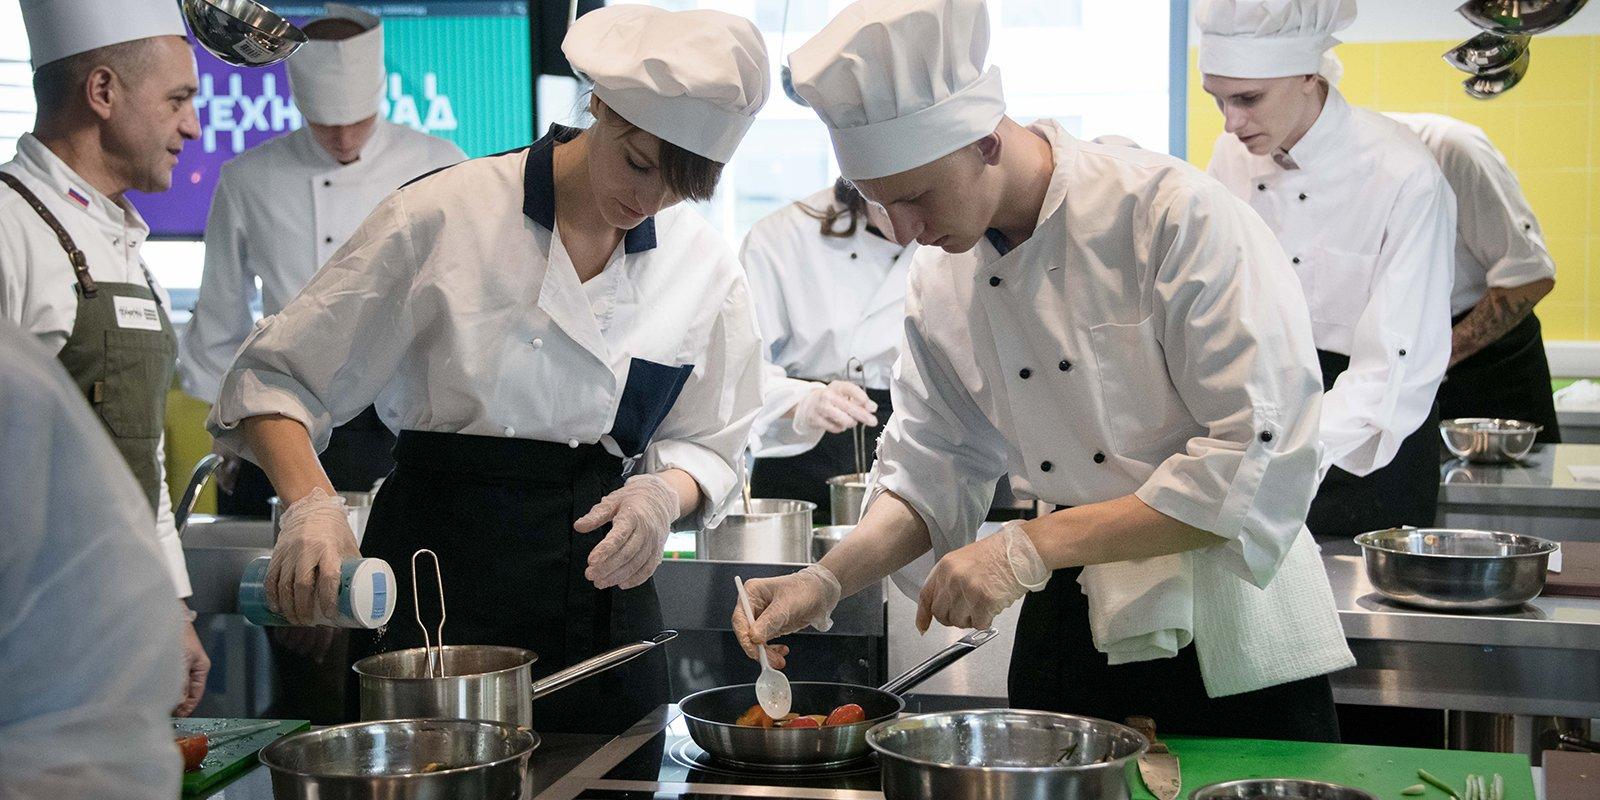 За год в образовательном комплексе «Техноград» побывали более 203000 человек